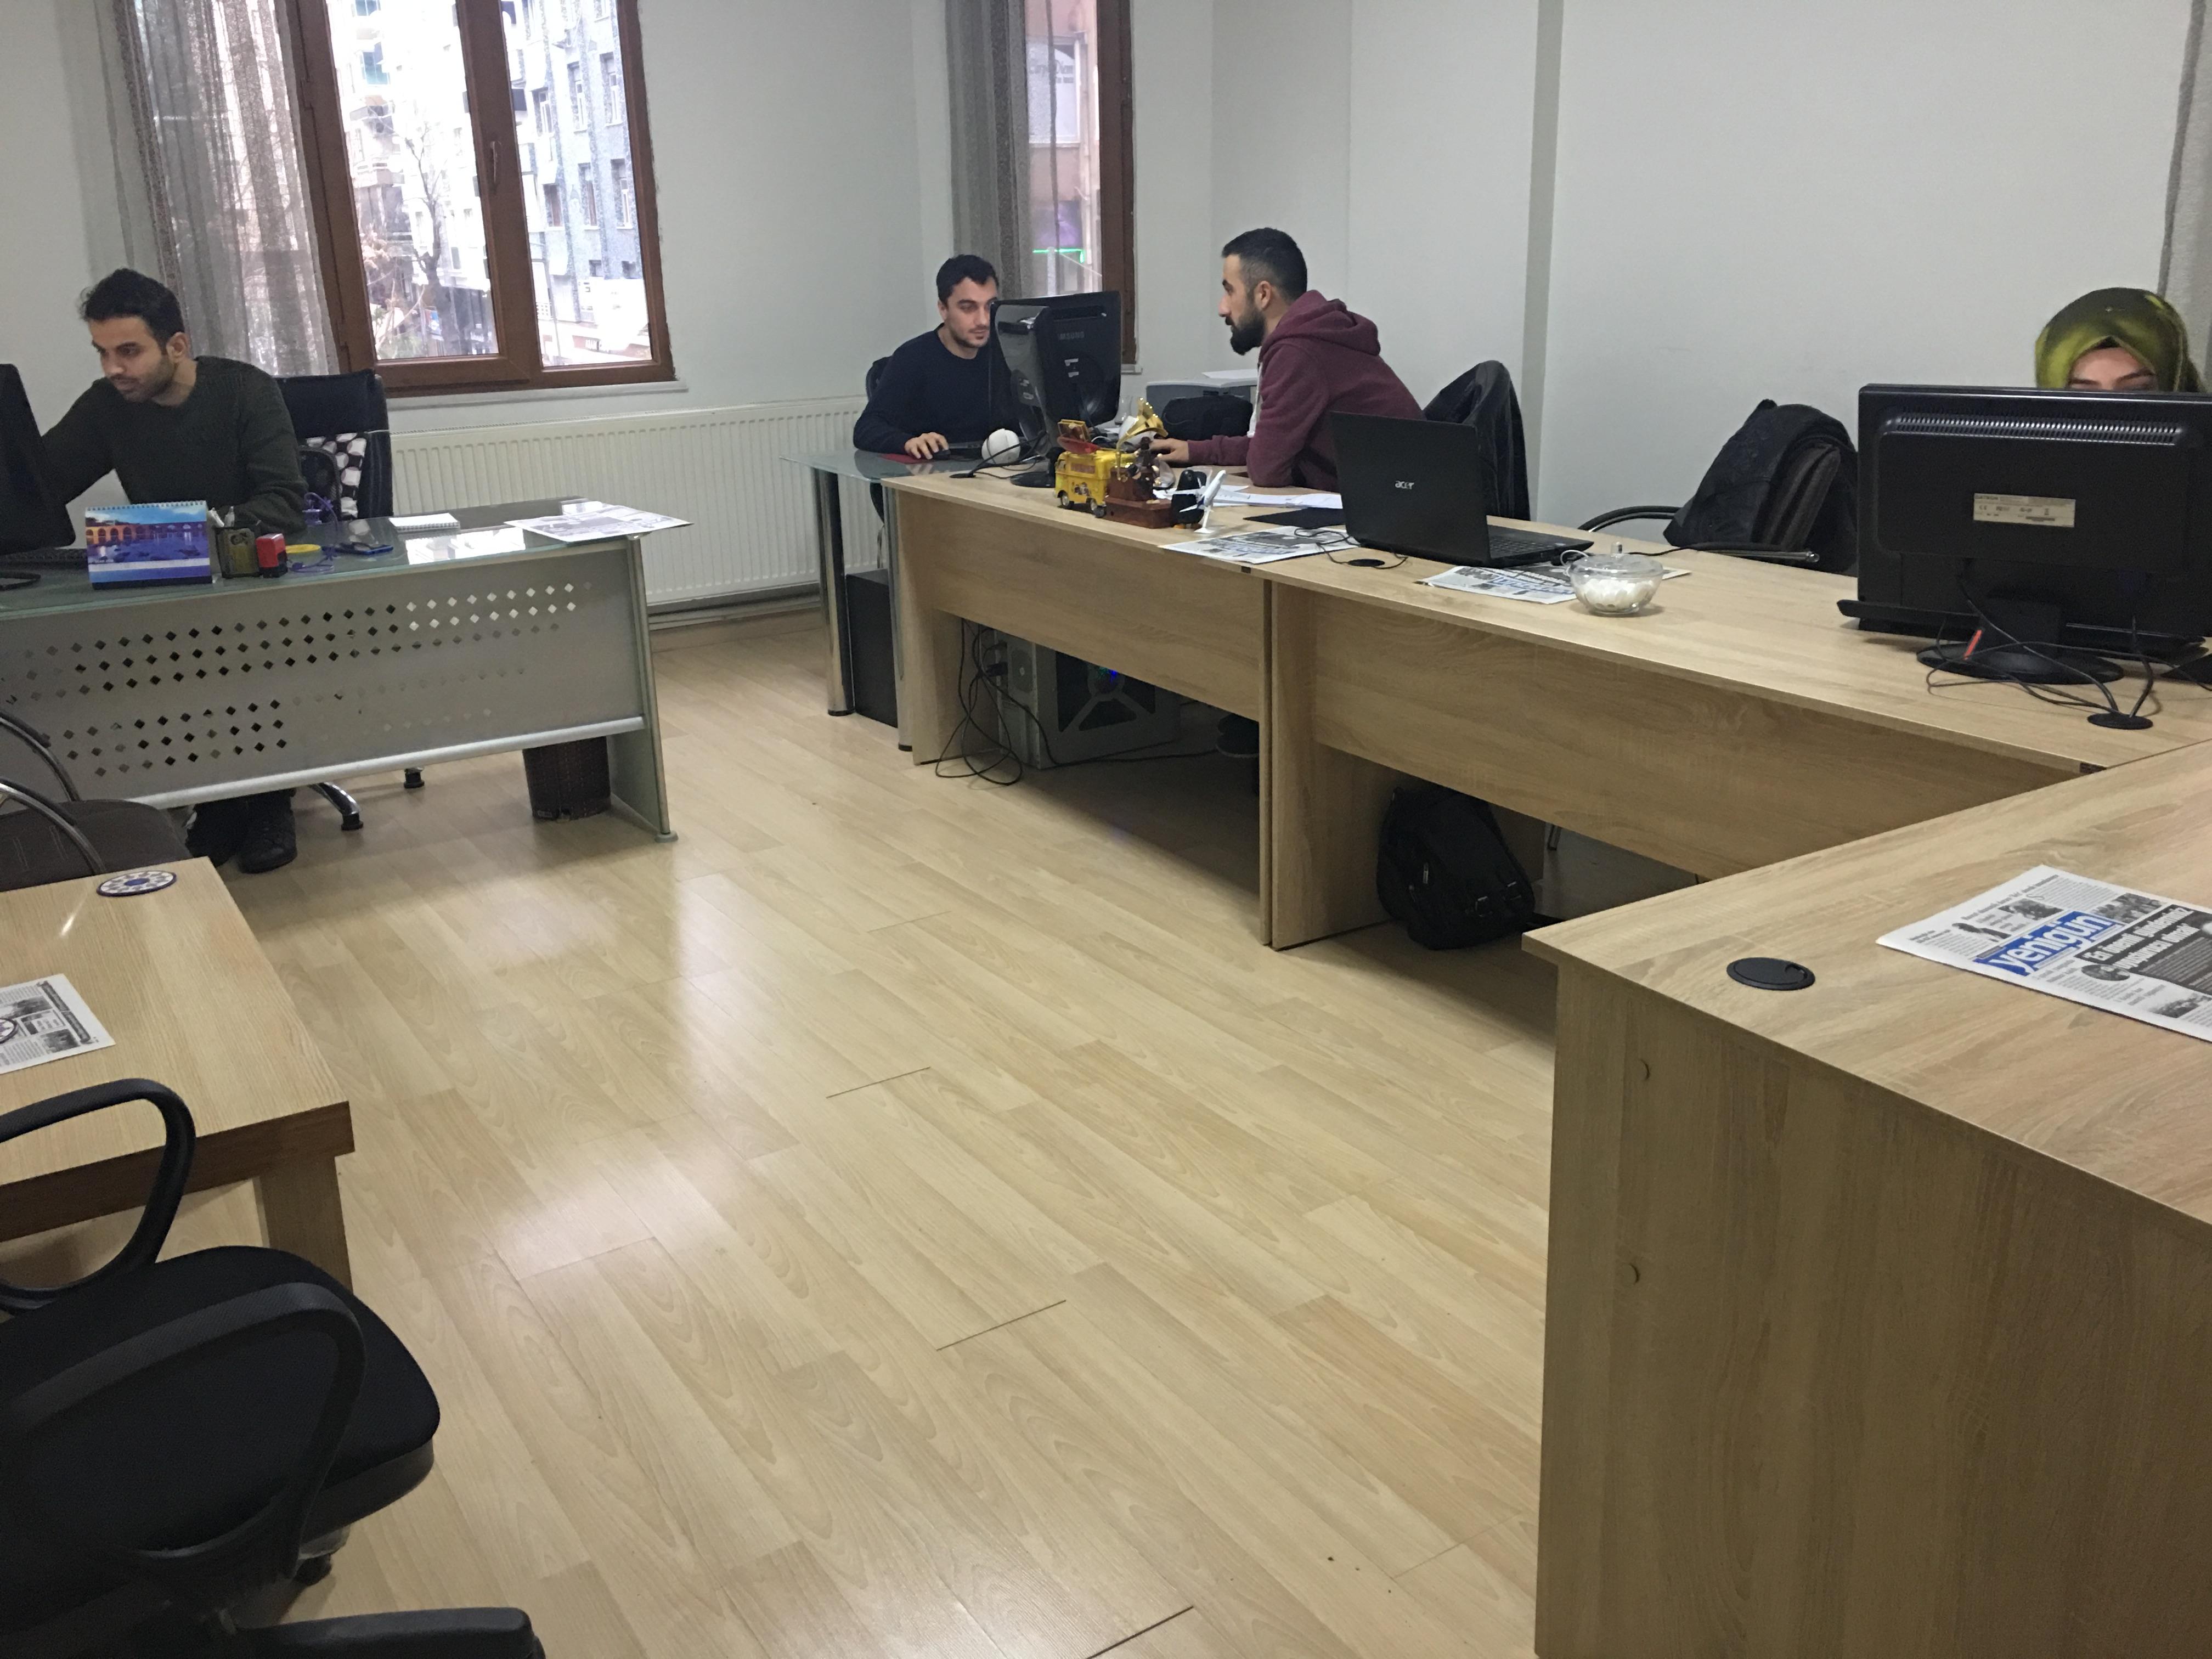 Diyarbakırlı Gazeteciler: Her şeye rağmen umutluyuz